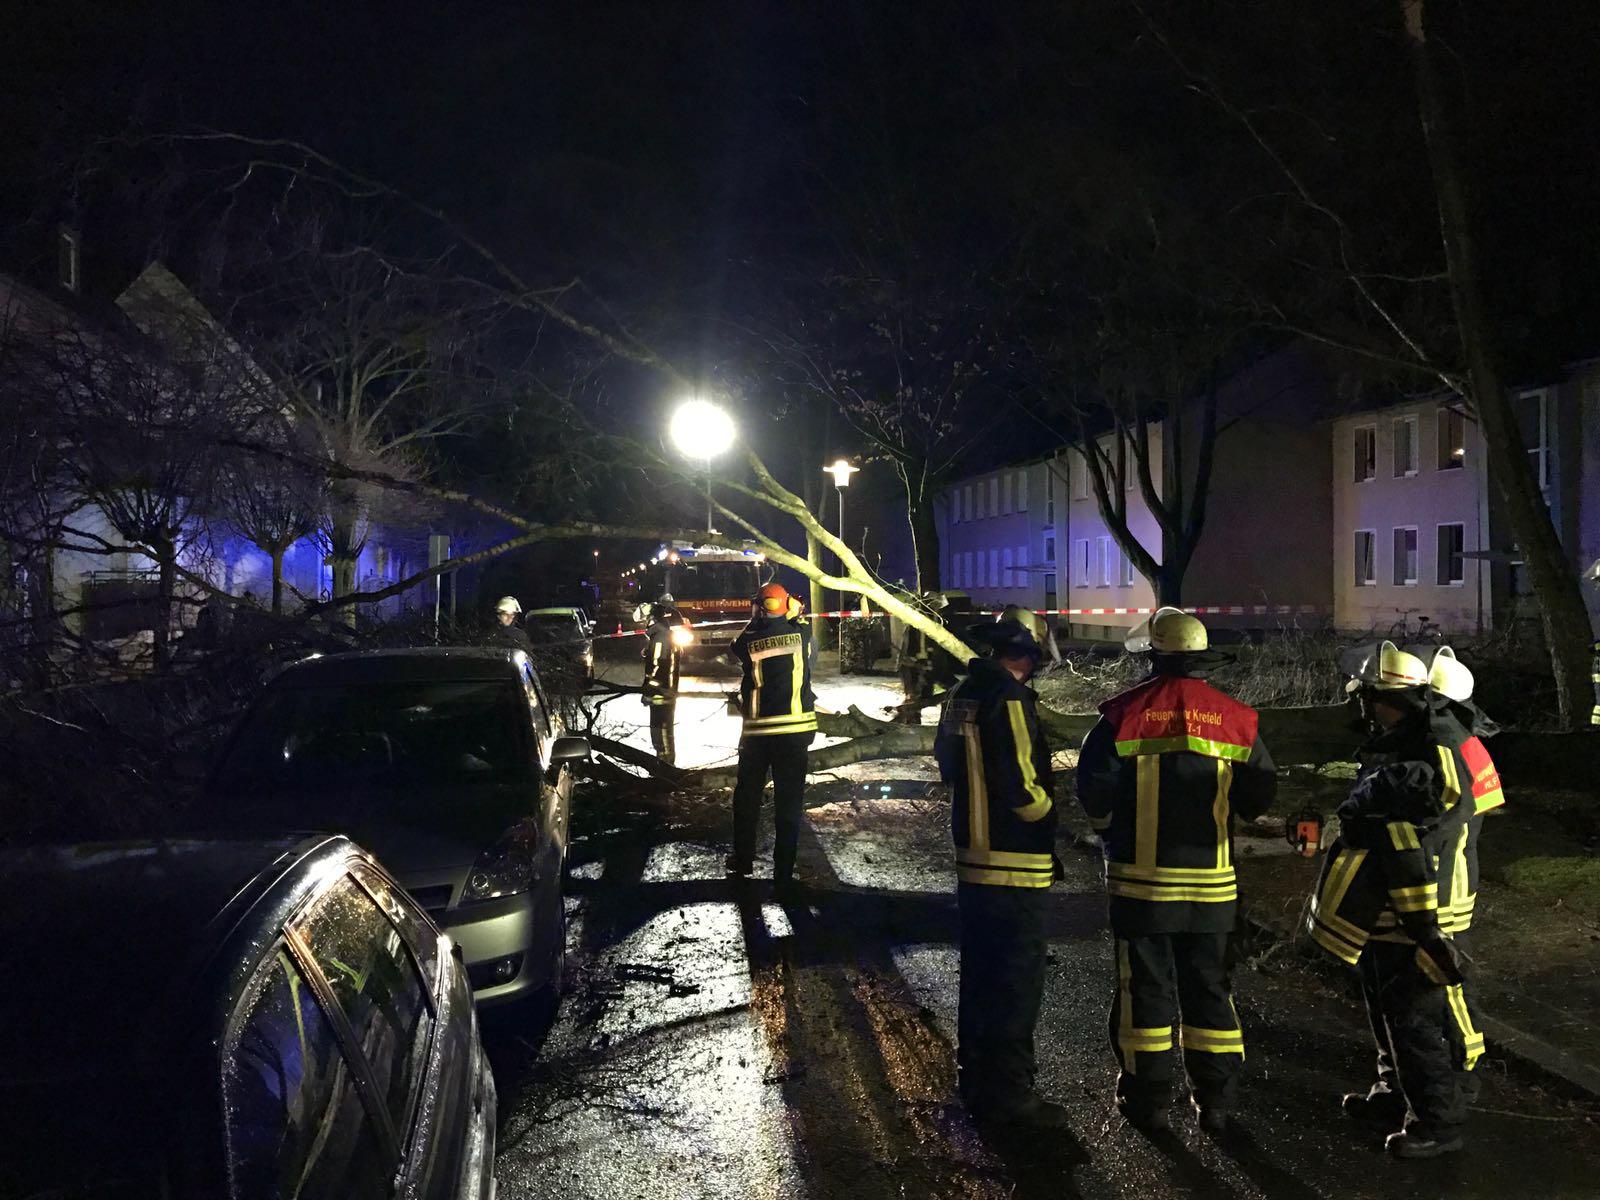 Unwetter U vom 23.02.2017     (C) Freiwillige Feuerwehr Fischeln (2017)